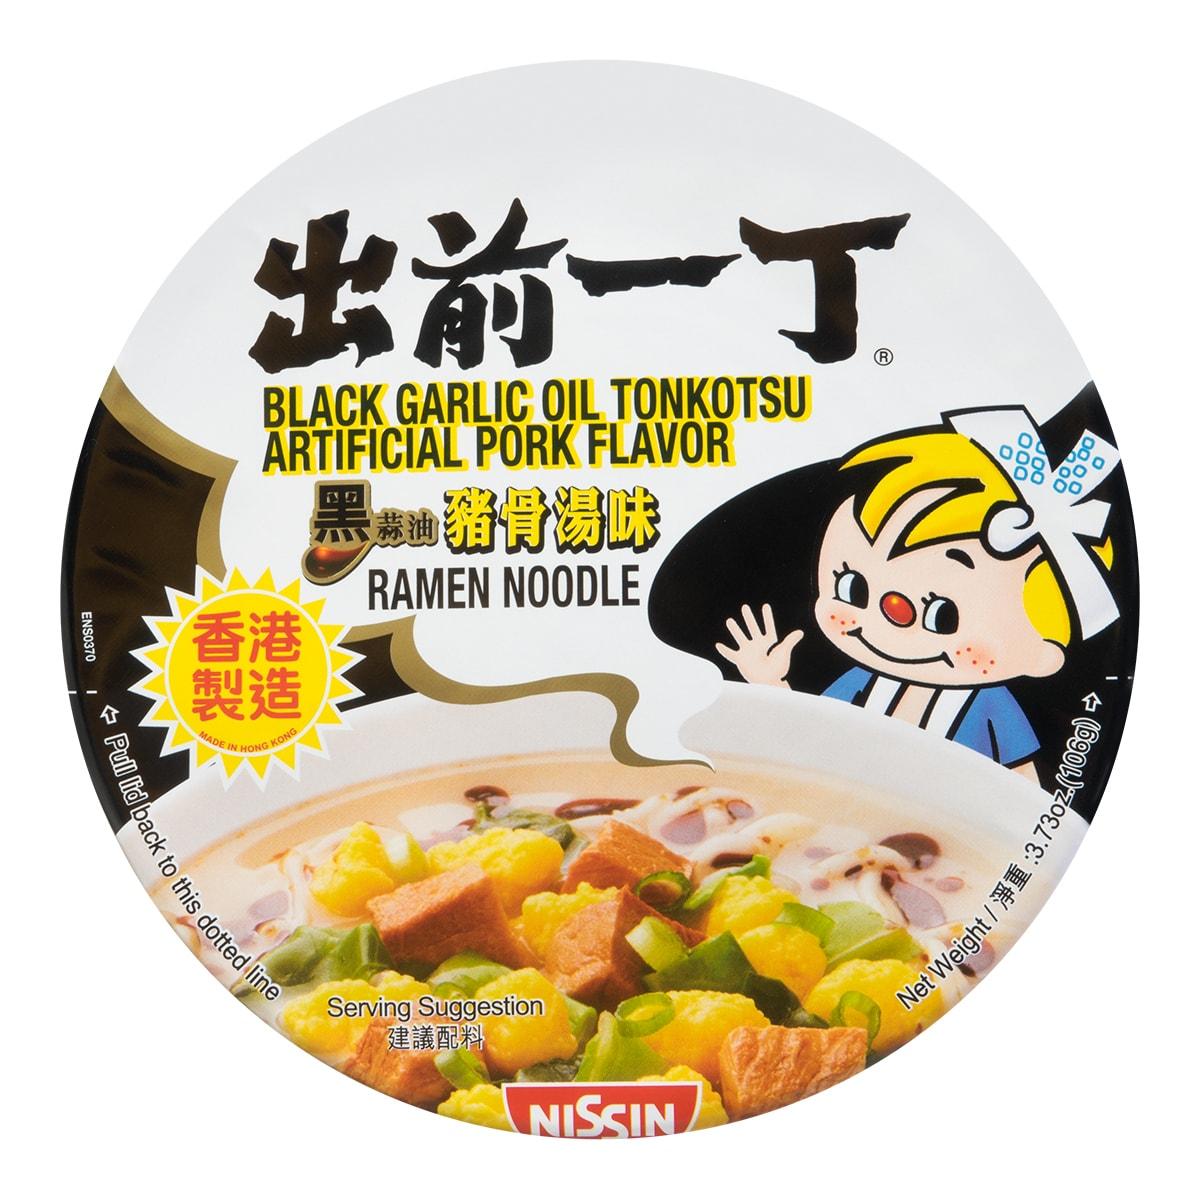 【清仓】日本NISSIN日清 出前一丁 即食汤面 黑蒜油猪骨汤味 碗装 106g